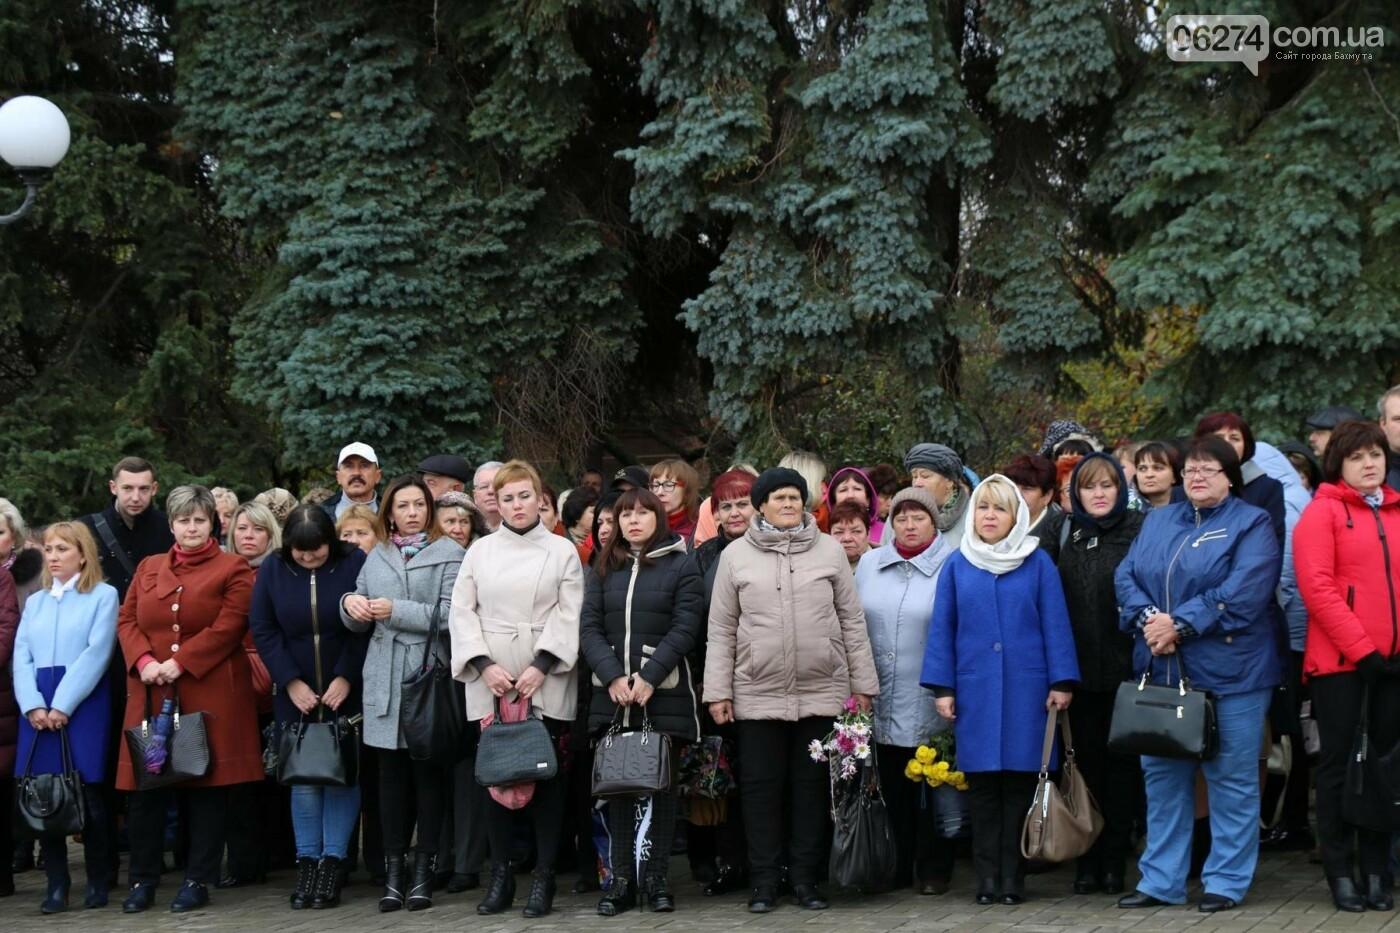 В Бахмуте отметили День освобождения Украины от фашистских захватчиков, фото-4